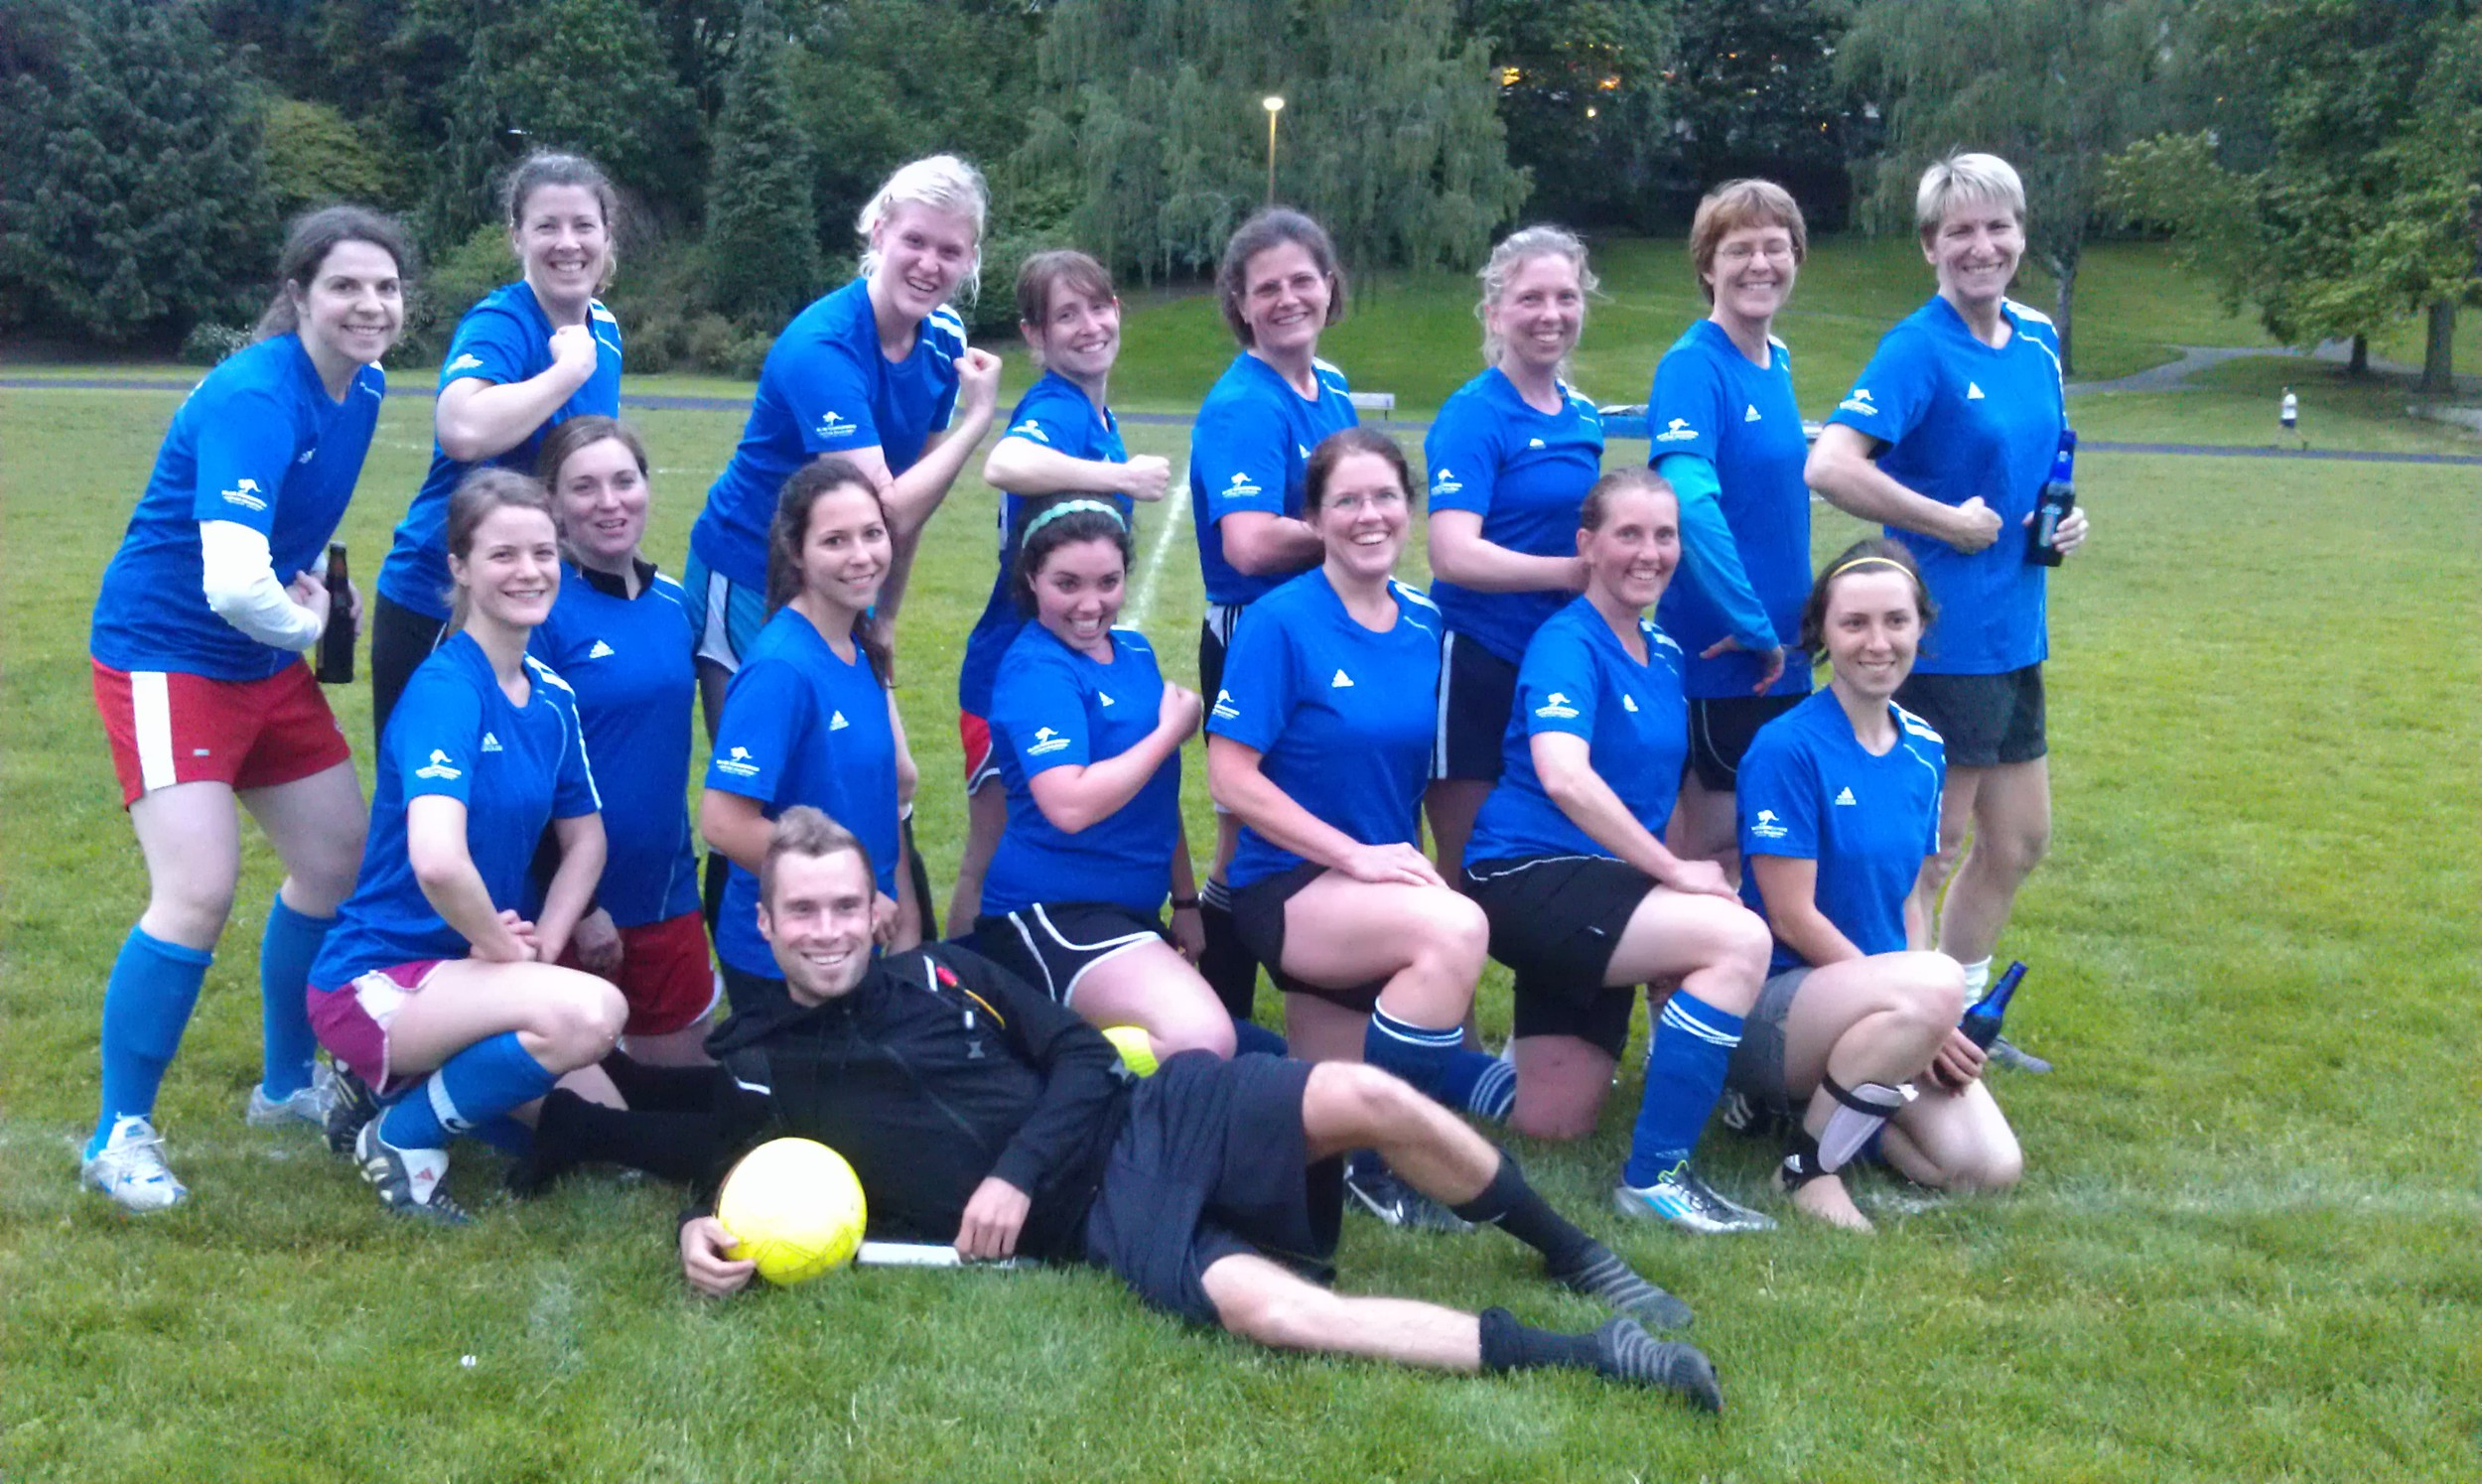 Blue Kang soccer team 2013.jpg